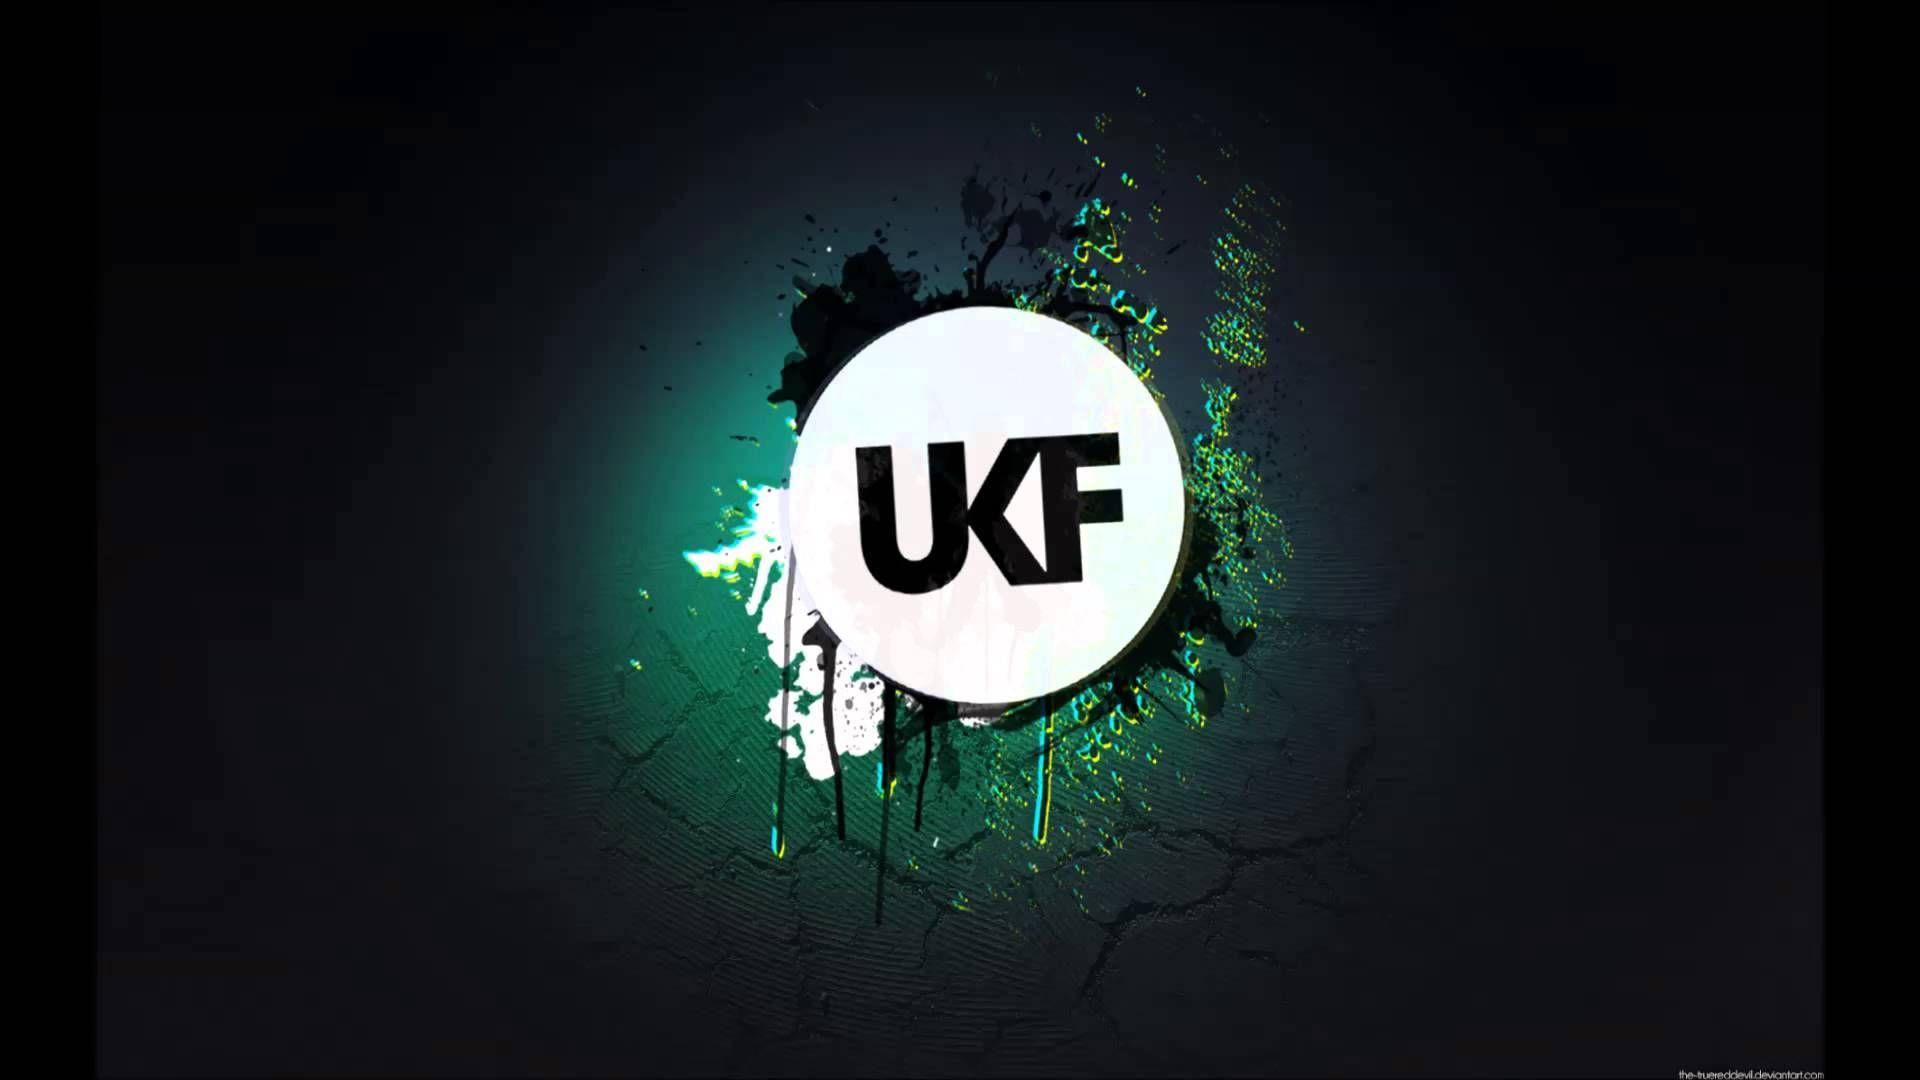 Ukf 2013 Mix Playlist Songs